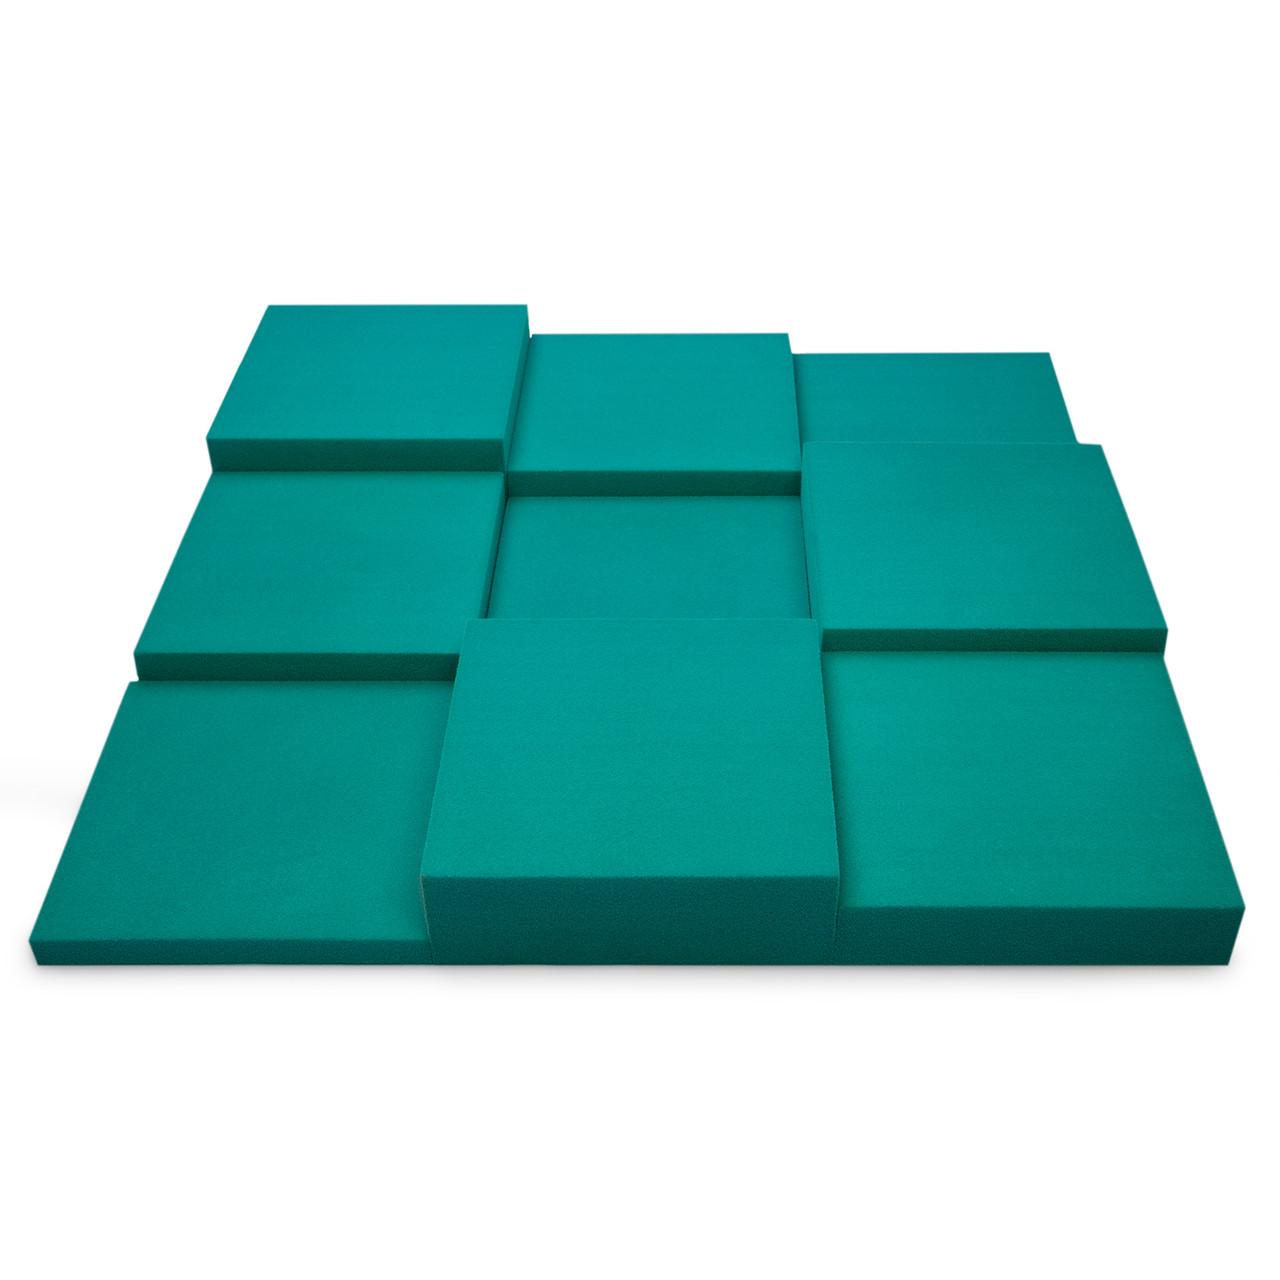 Панель из акустического поролона Ecosound Pattern Velvet 60мм, 60х60см цвет темно-зеленый